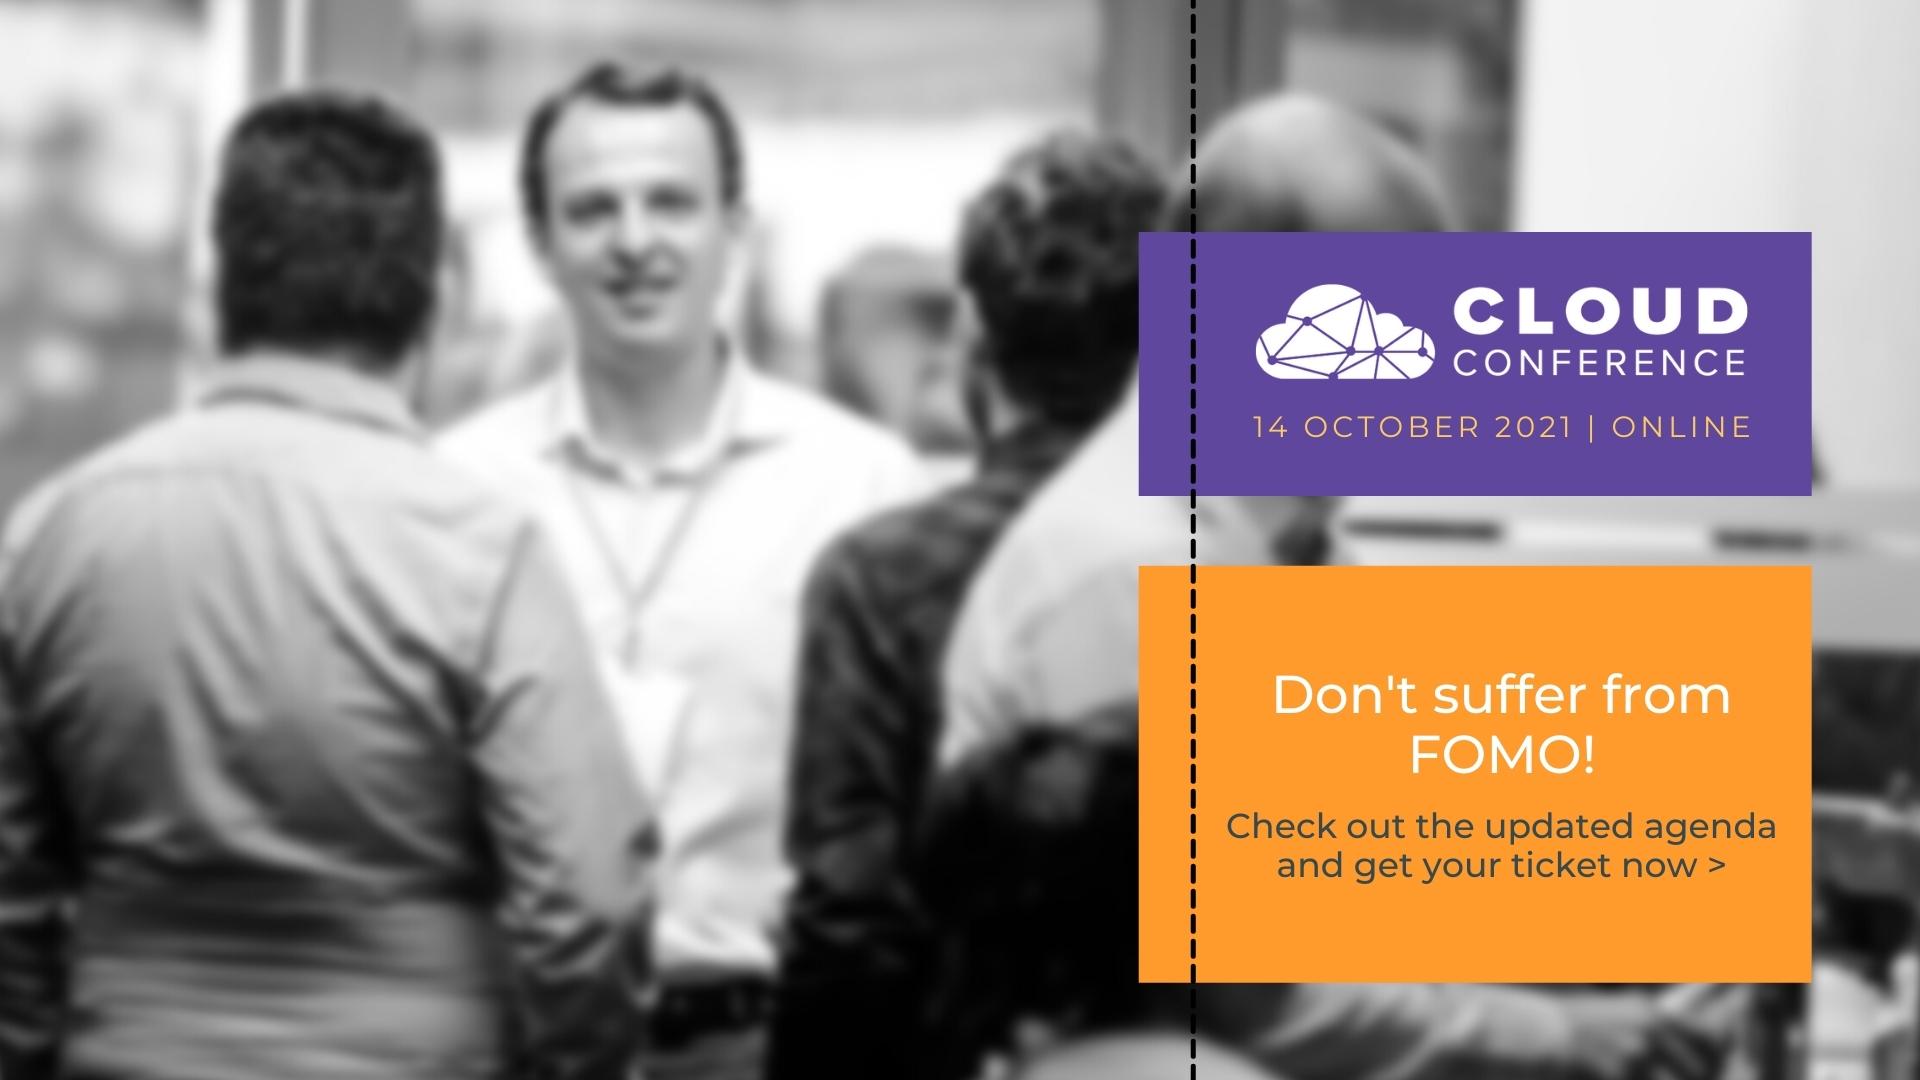 Conferința de Cloud aduce în prim plan noile tehnologii